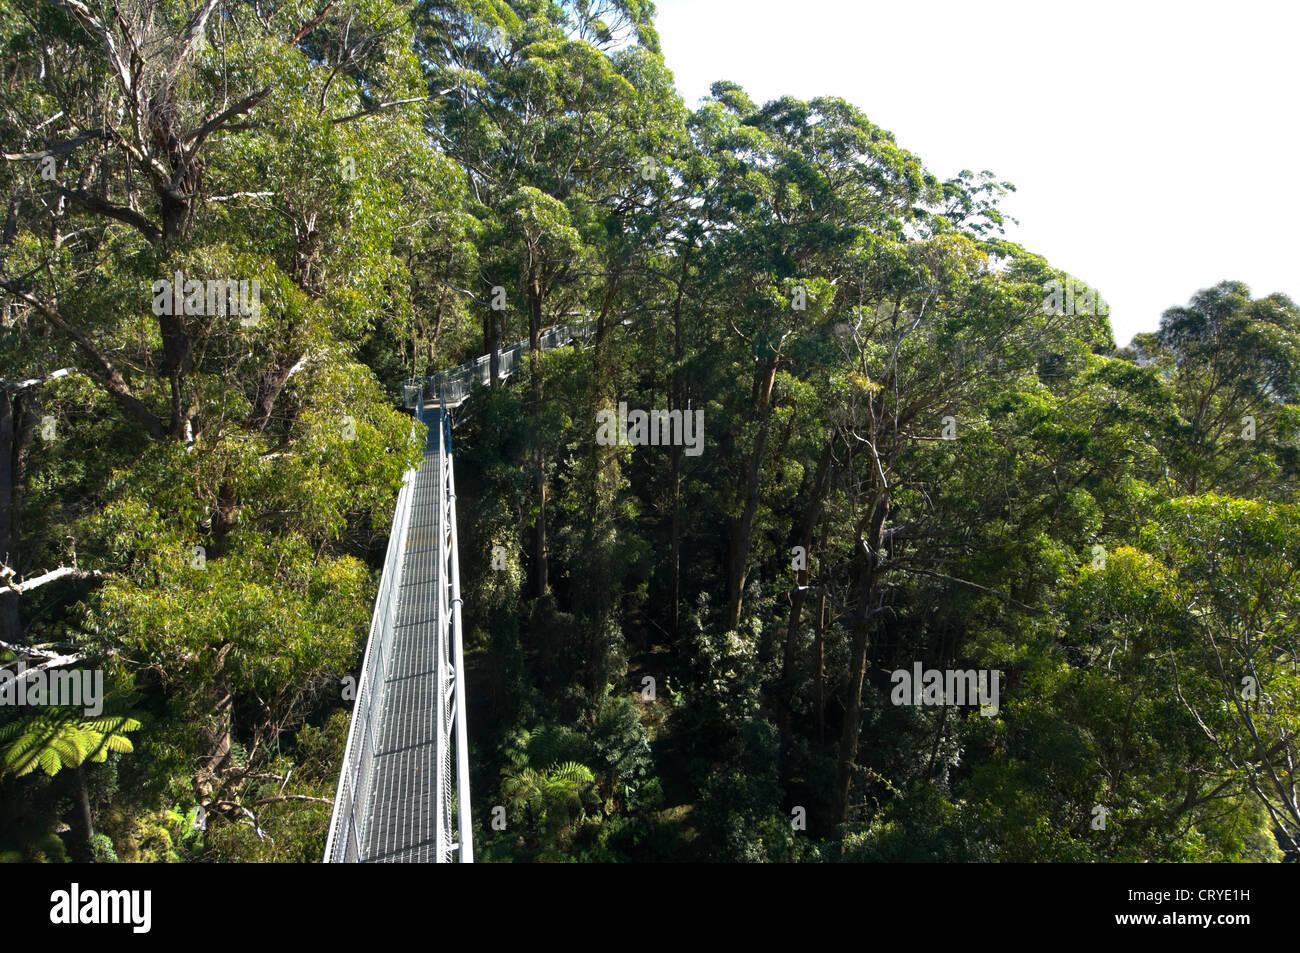 illawarra-fly-tree-top-walk-near-wollong